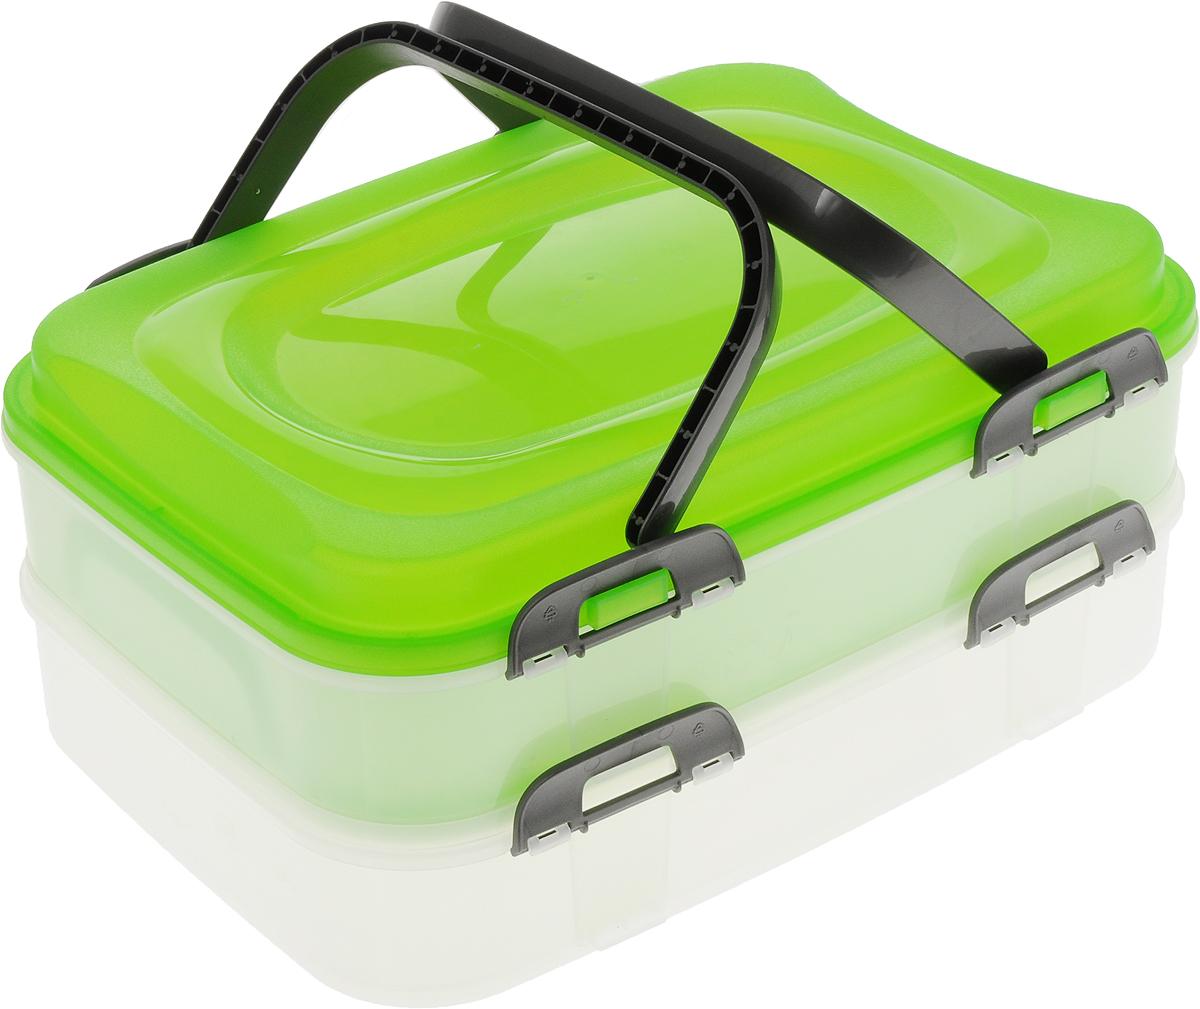 Набор контейнеров Axentia Бокс-сет, цвет: салатовый, прозрачный, 2 шт116833_салатовыйНабор Axentia Бокс-сет, изготовленный из высококачественного пластика, состоит из 2 пищевых контейнеров. Изделия оснащены крышками с застежками и удобными ручками. Идеально подходят для бизнес-ланчей.